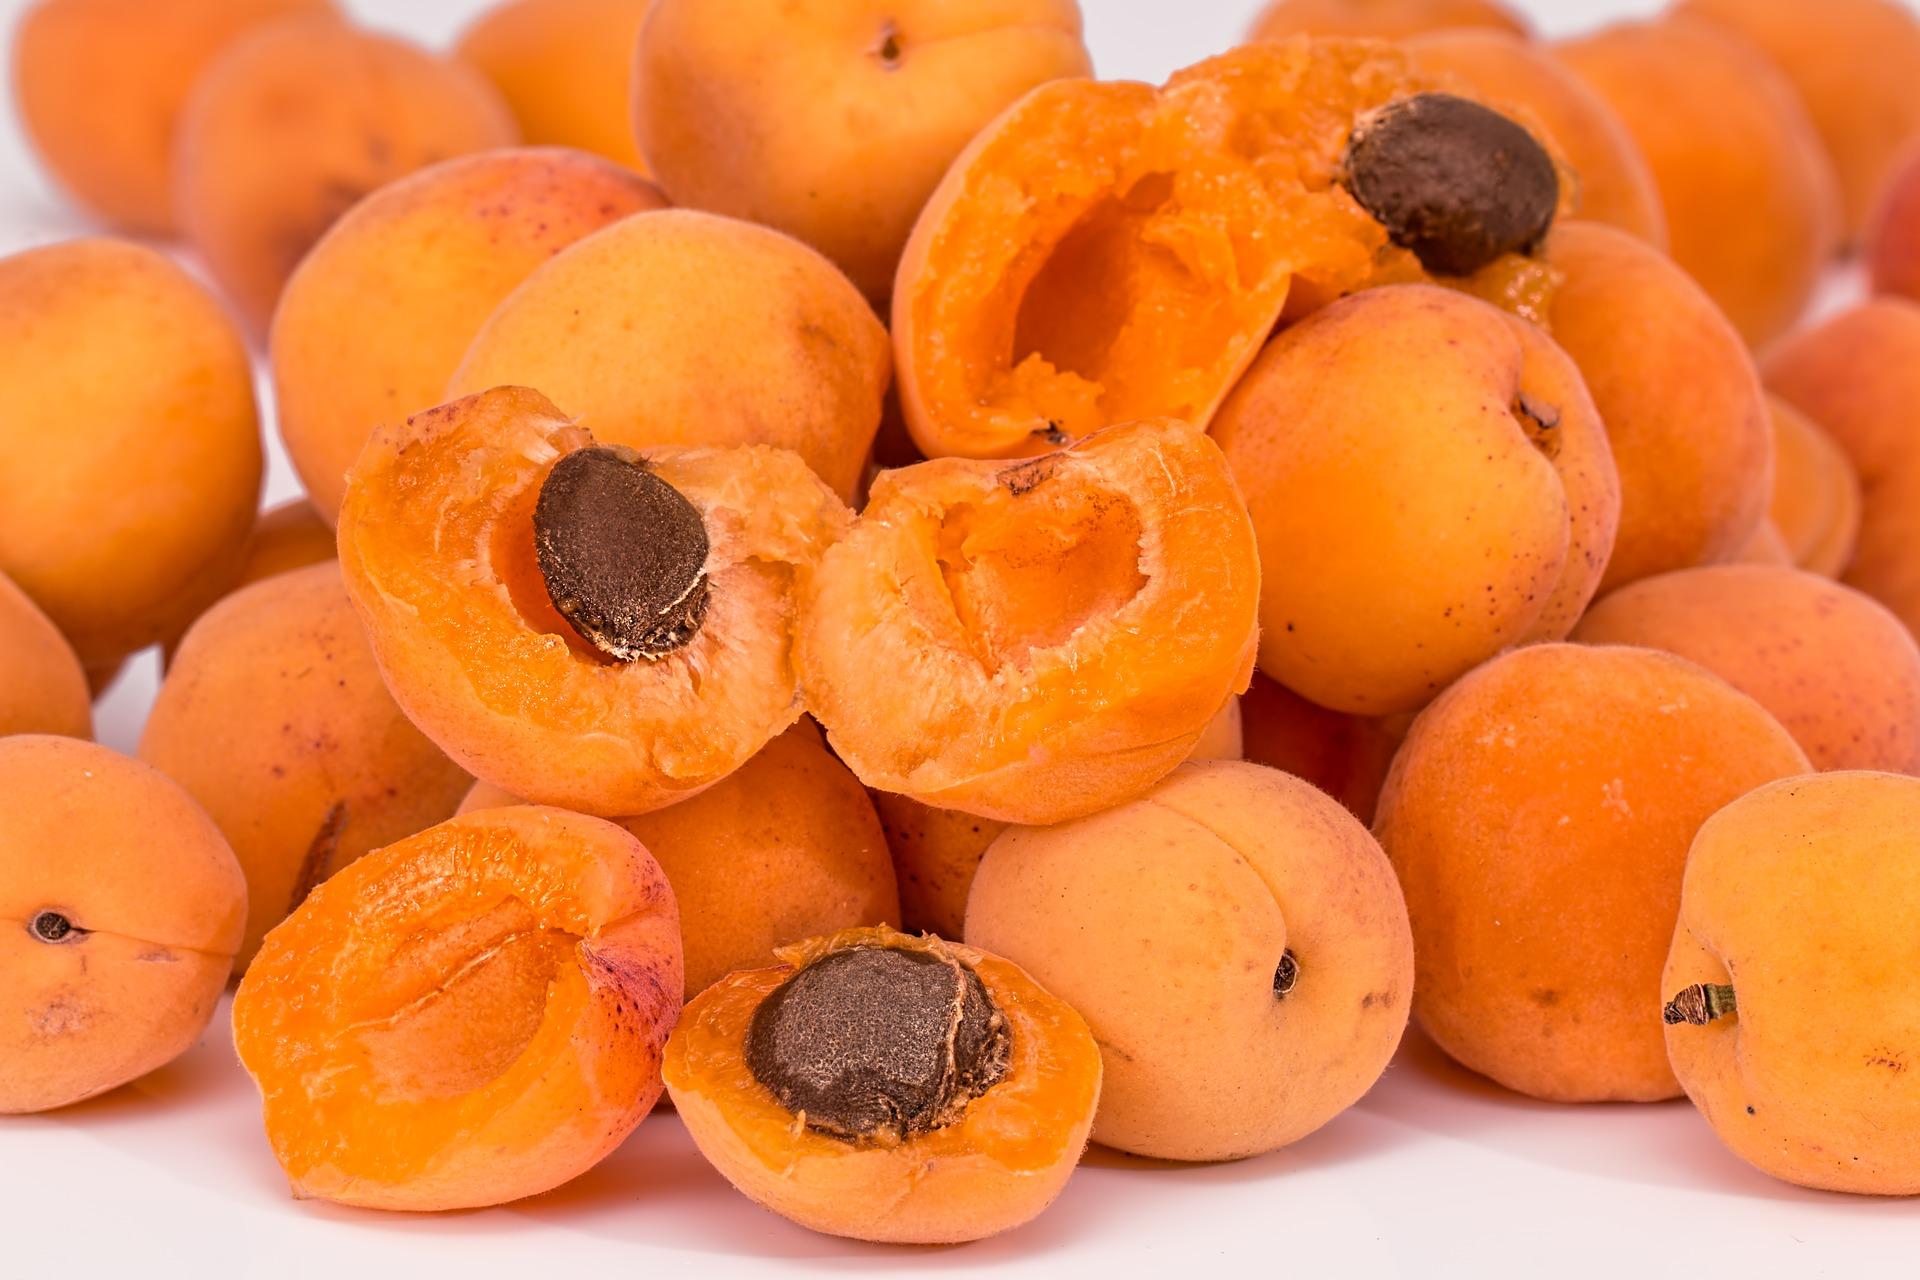 ALBICOCCA - Un frutto presente principalmente durante la prima parte dell'estate. Con sole 28 kcal per 100 gr è un cibo estivo ipocalorico adatto anche a chi è a dieta, nonostante abbia un sapore molto dolce. L'albicocca è ricca di calcio, potassio e fosforo e abbonda in vitamine A, B e C. È molto utile anche per rinforzare le difese immunitarie. Si preparano ottime confetture o marmellate ed è indicato anche come spuntino pomeridiano.